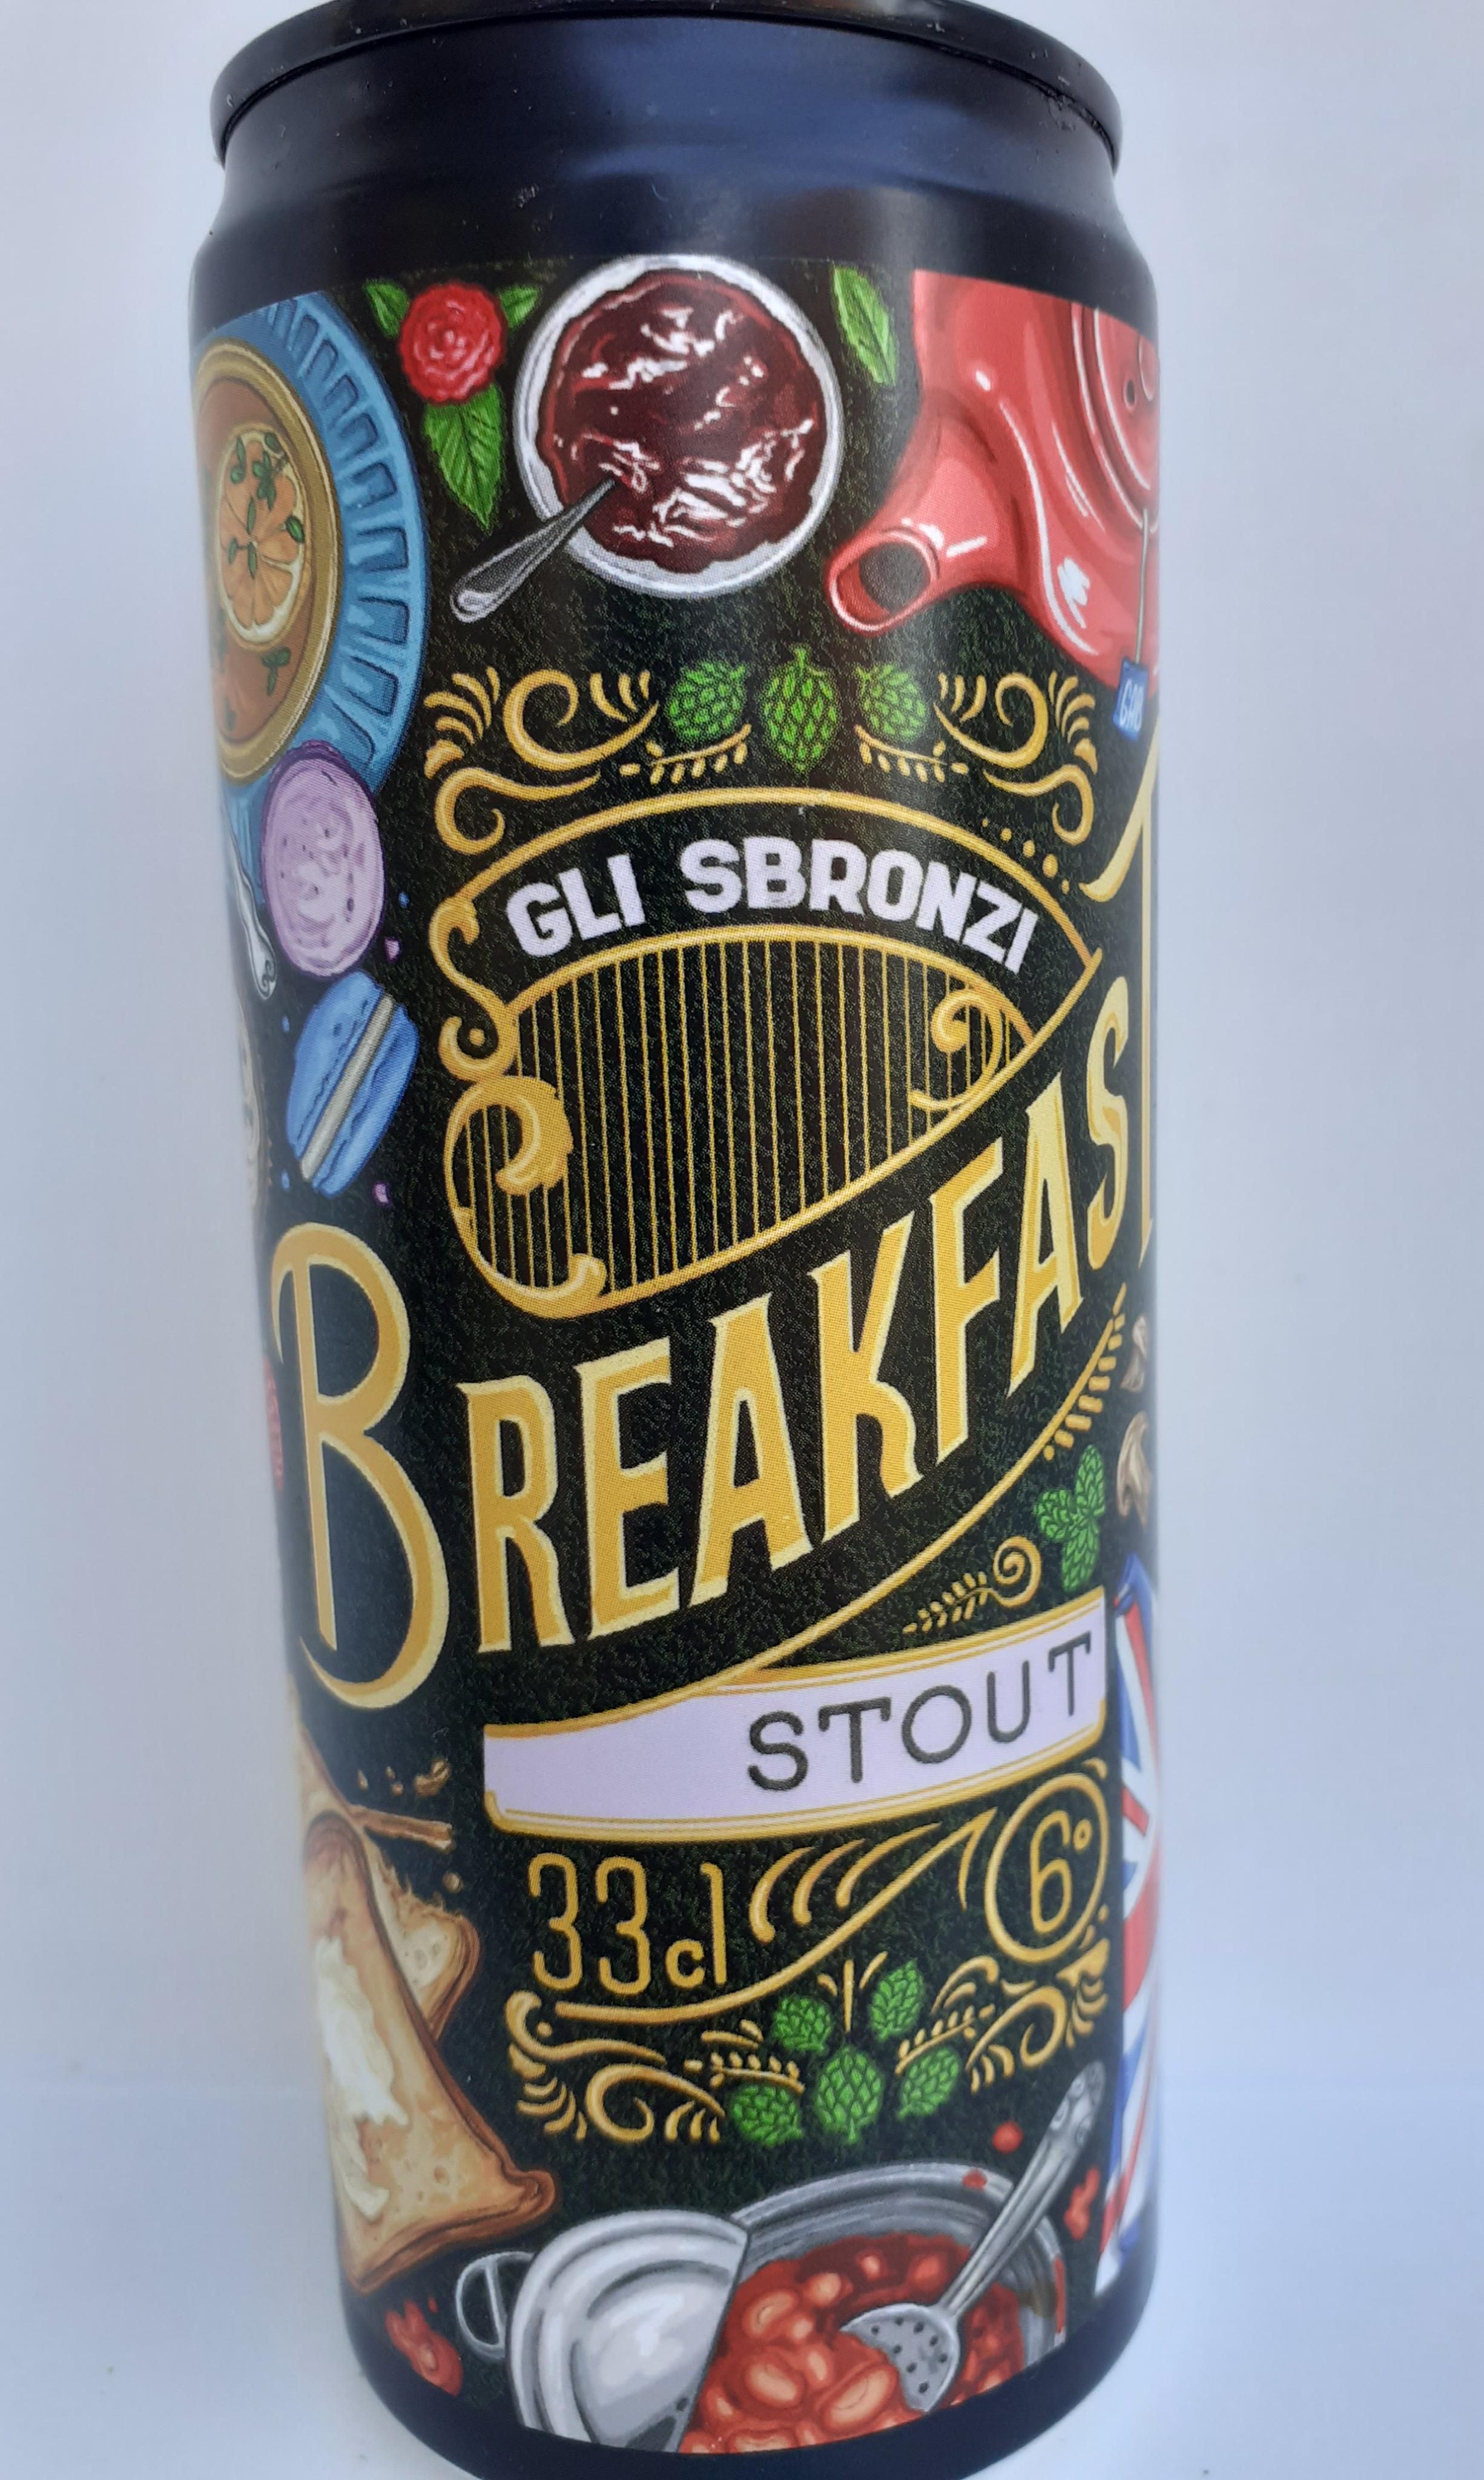 Birra Artigianale Breakfast  non Filtrata 33 cl del Birrificio Gli Sbronzi (RC)